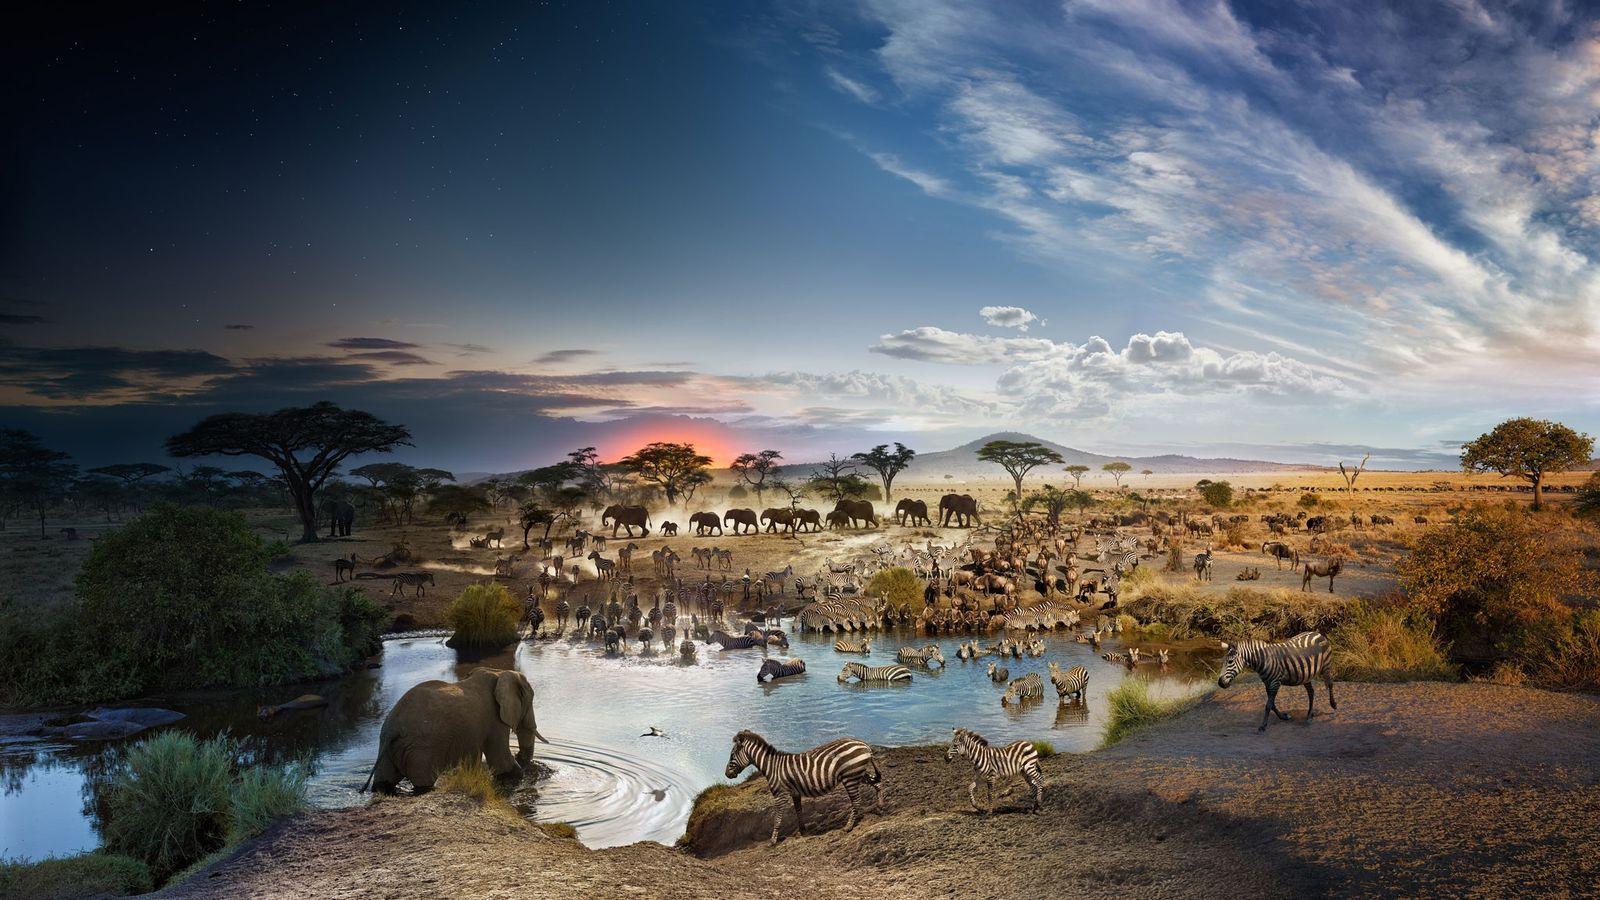 Parque Nacional de Seronera, em Serengeti, na Tanzânia.